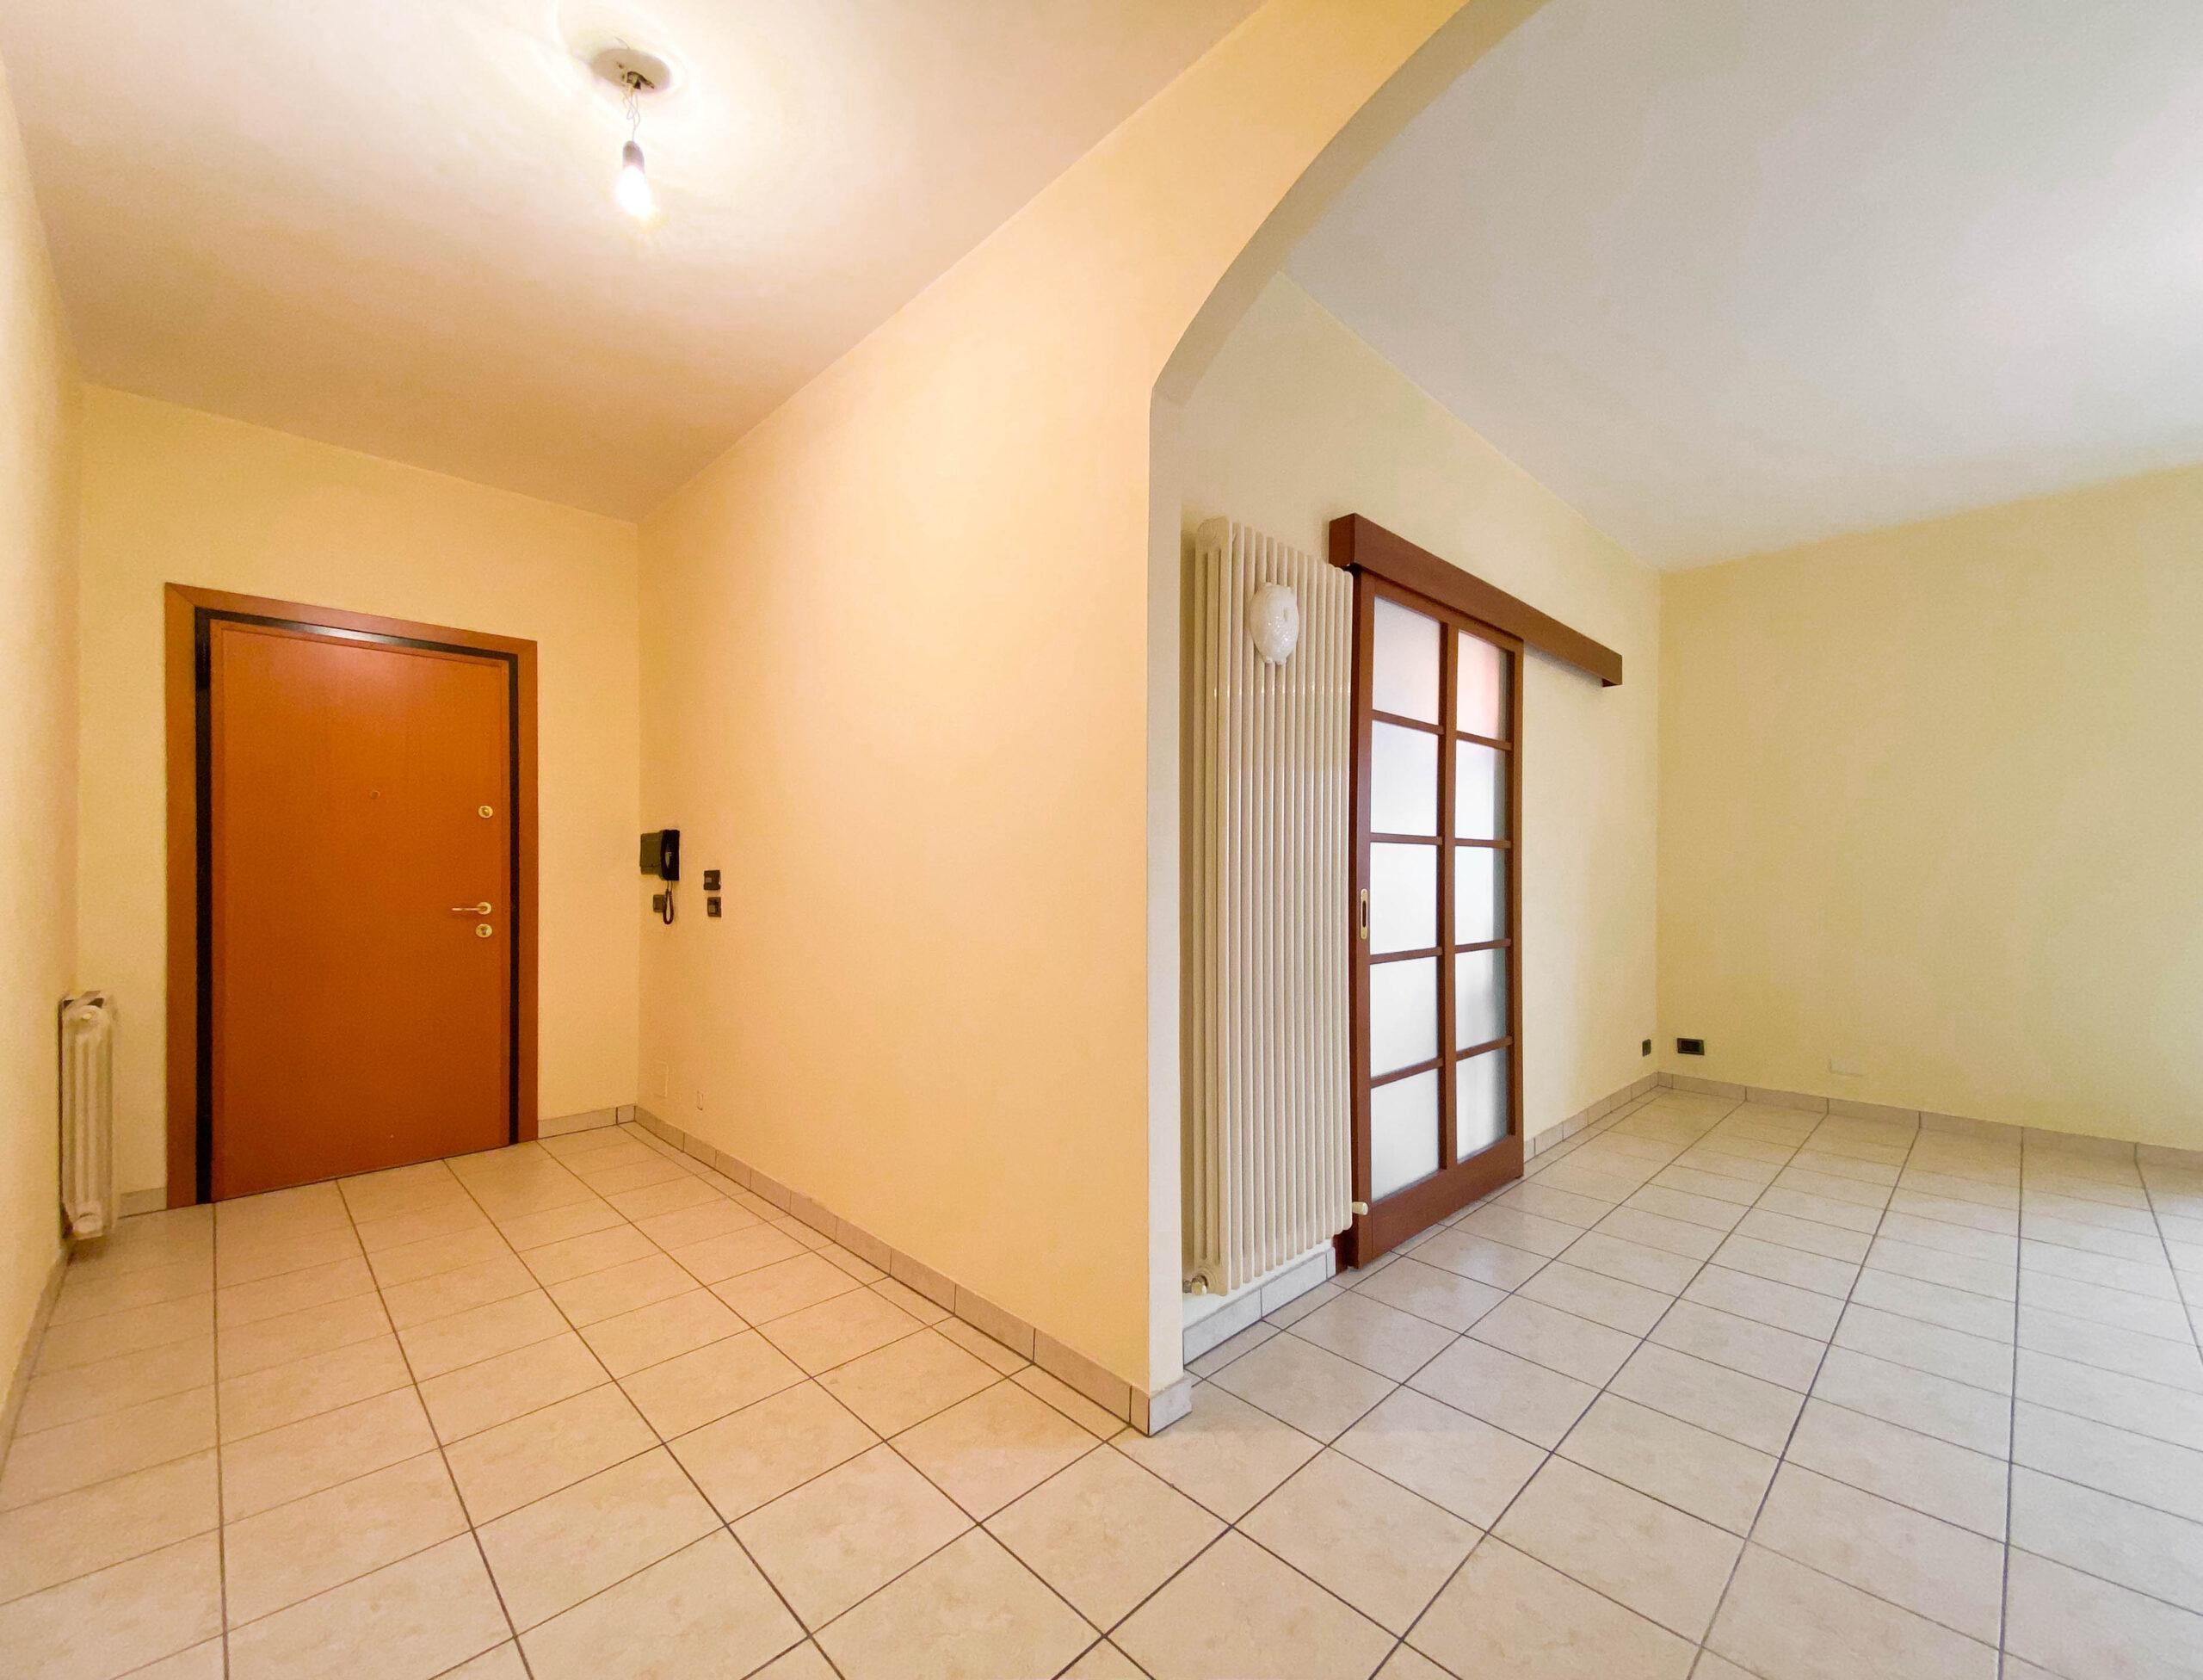 Appartamento a Corlo con 3 camere – V226